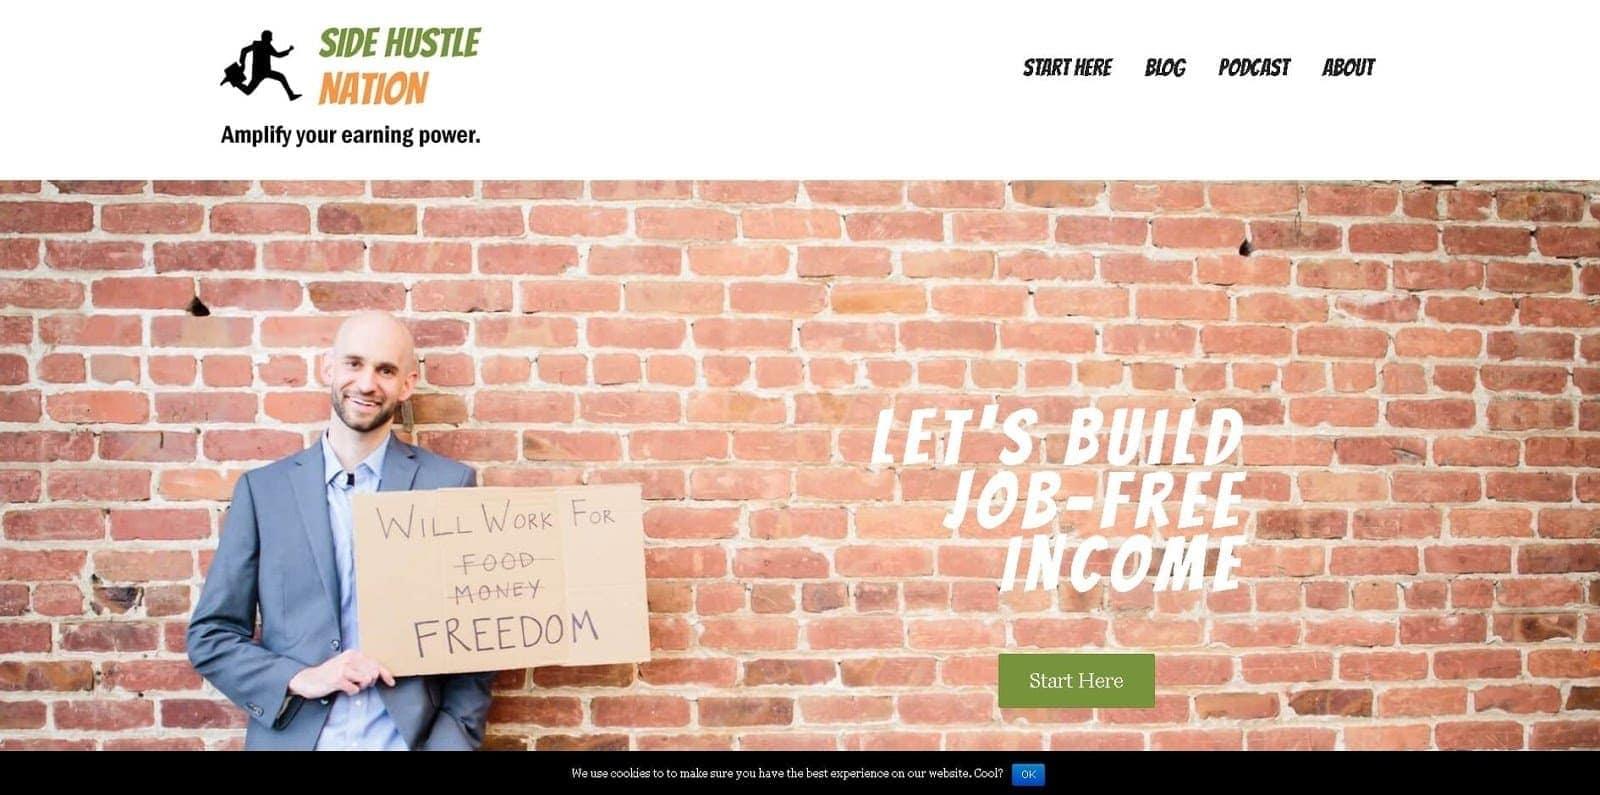 primer-nishi-dlya-bloga-side-hustle-nation-blog-niche-side-hustles